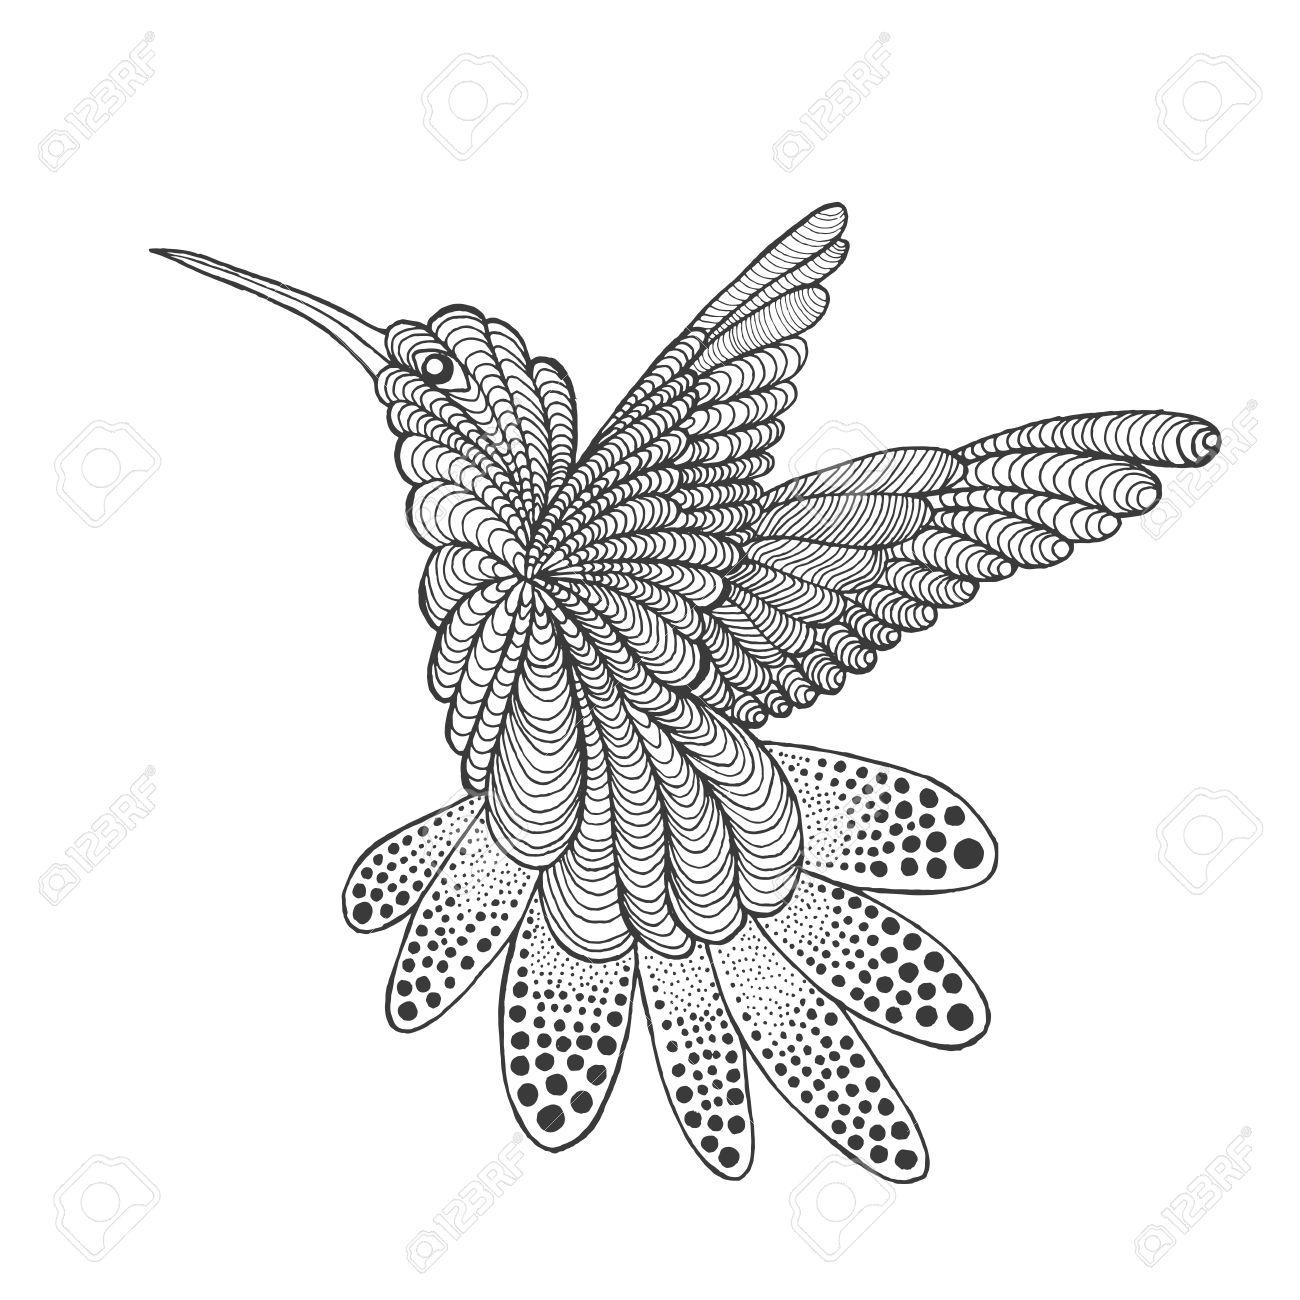 Colibrí Estilizada Zentangle Animales Negro Blanco Dibujado Mano